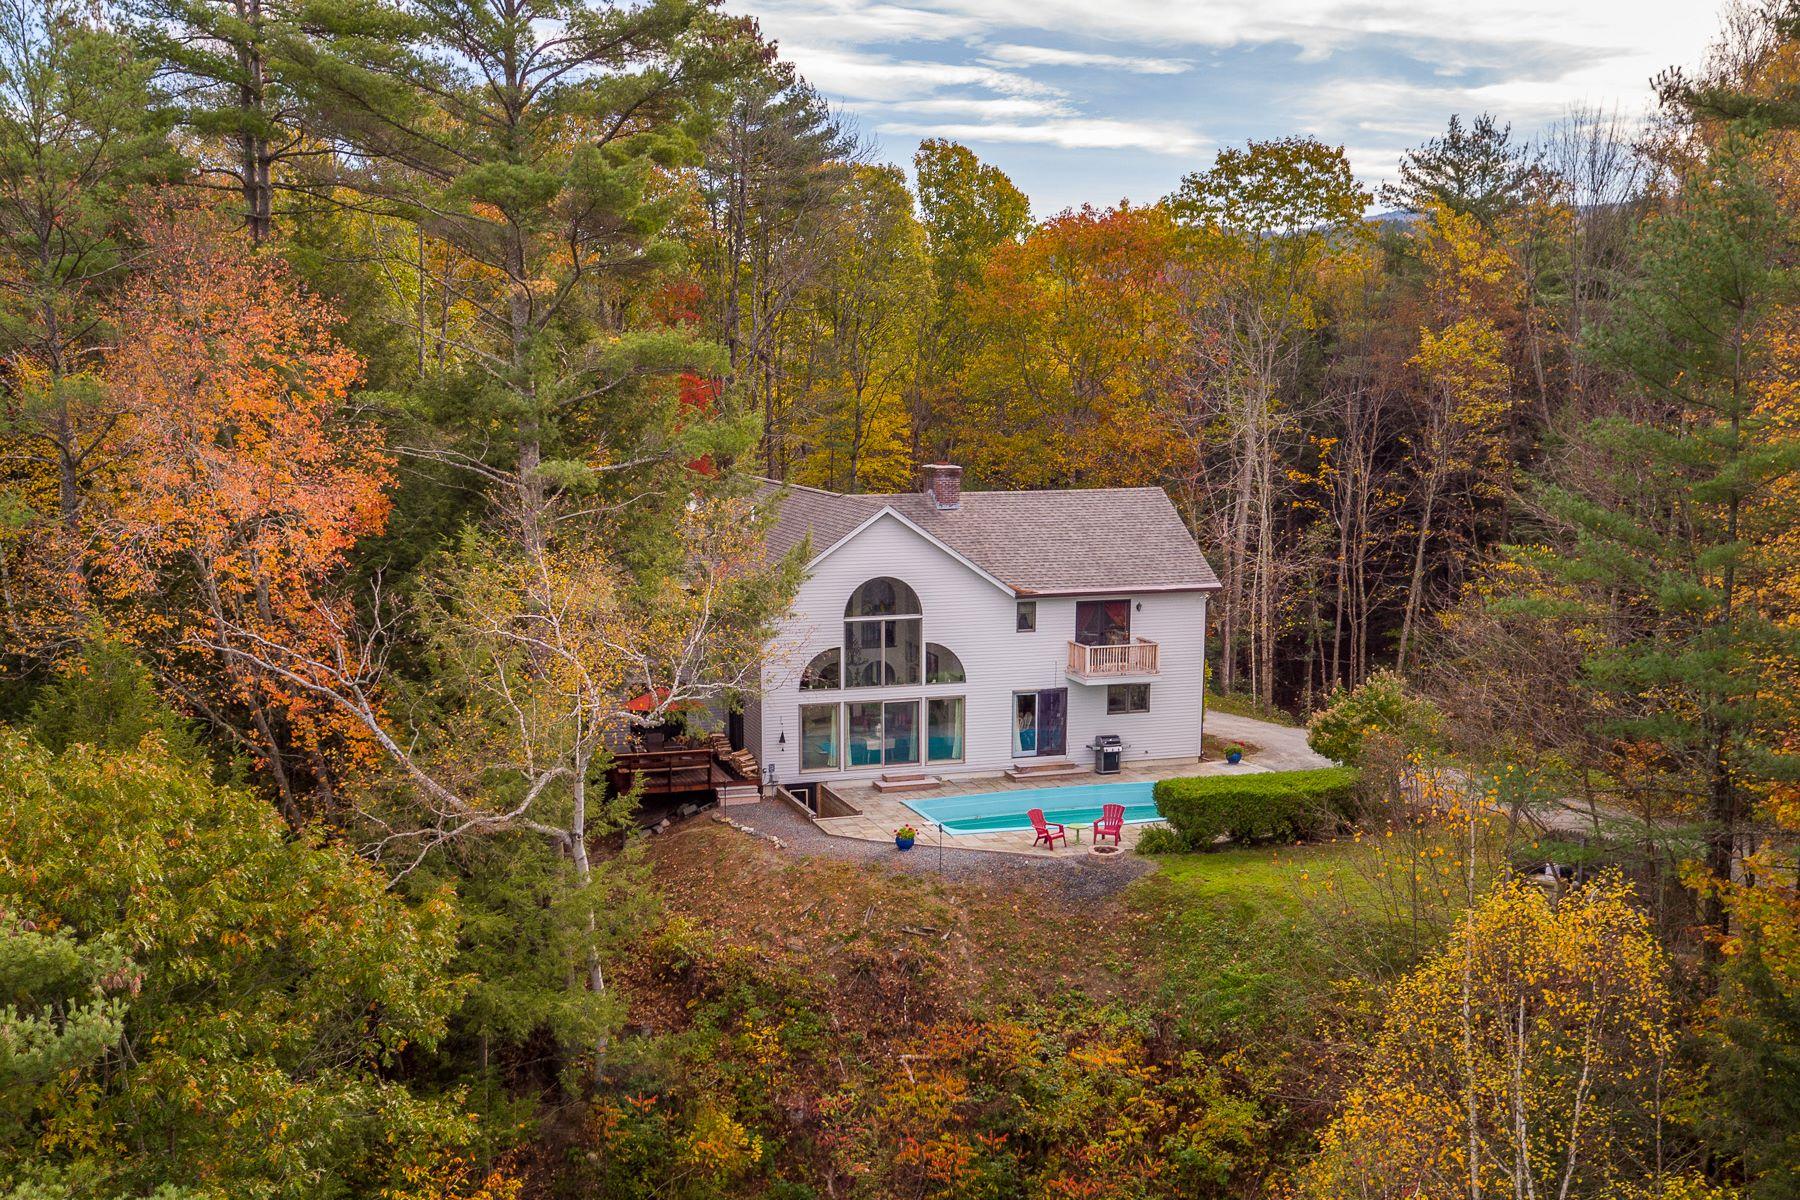 一戸建て のために 売買 アット Contemporary with River Views 6 Grant Rd, Hanover, ニューハンプシャー, 03755 アメリカ合衆国